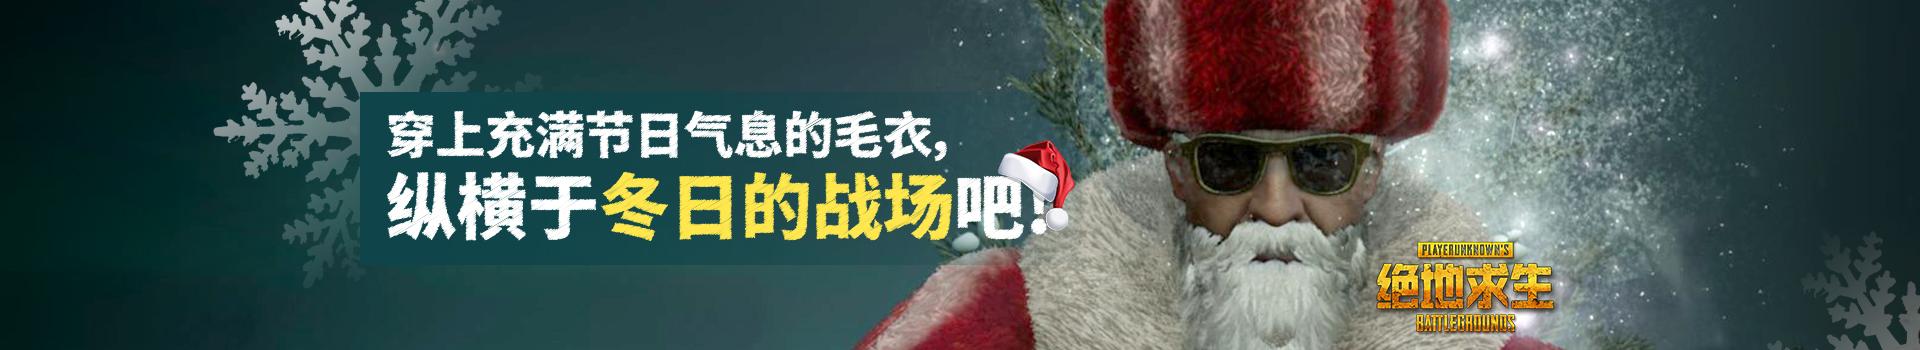 绝地求生大逃杀圣诞系列 新品上架